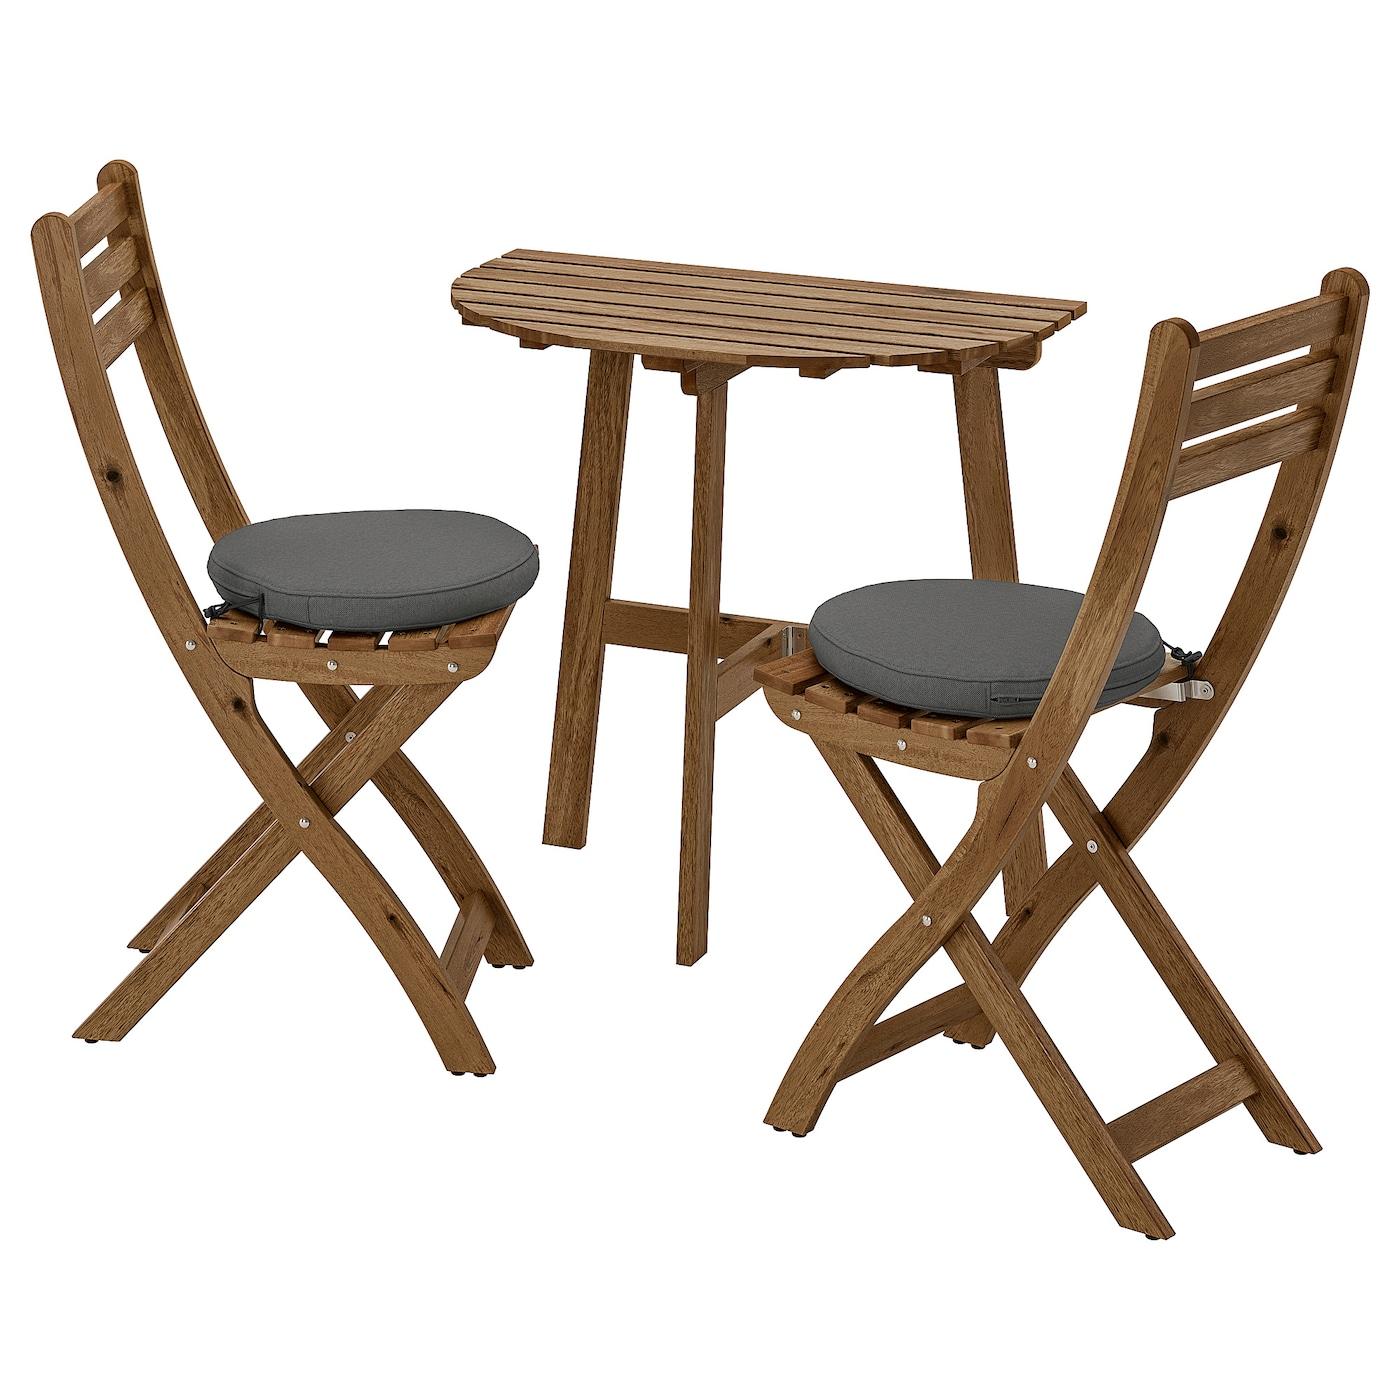 Table Pliante Contre Mur askholmen table mur+2 chaises pliantes, ext - teinté gris-brun,  frösön/duvholmen gris foncé